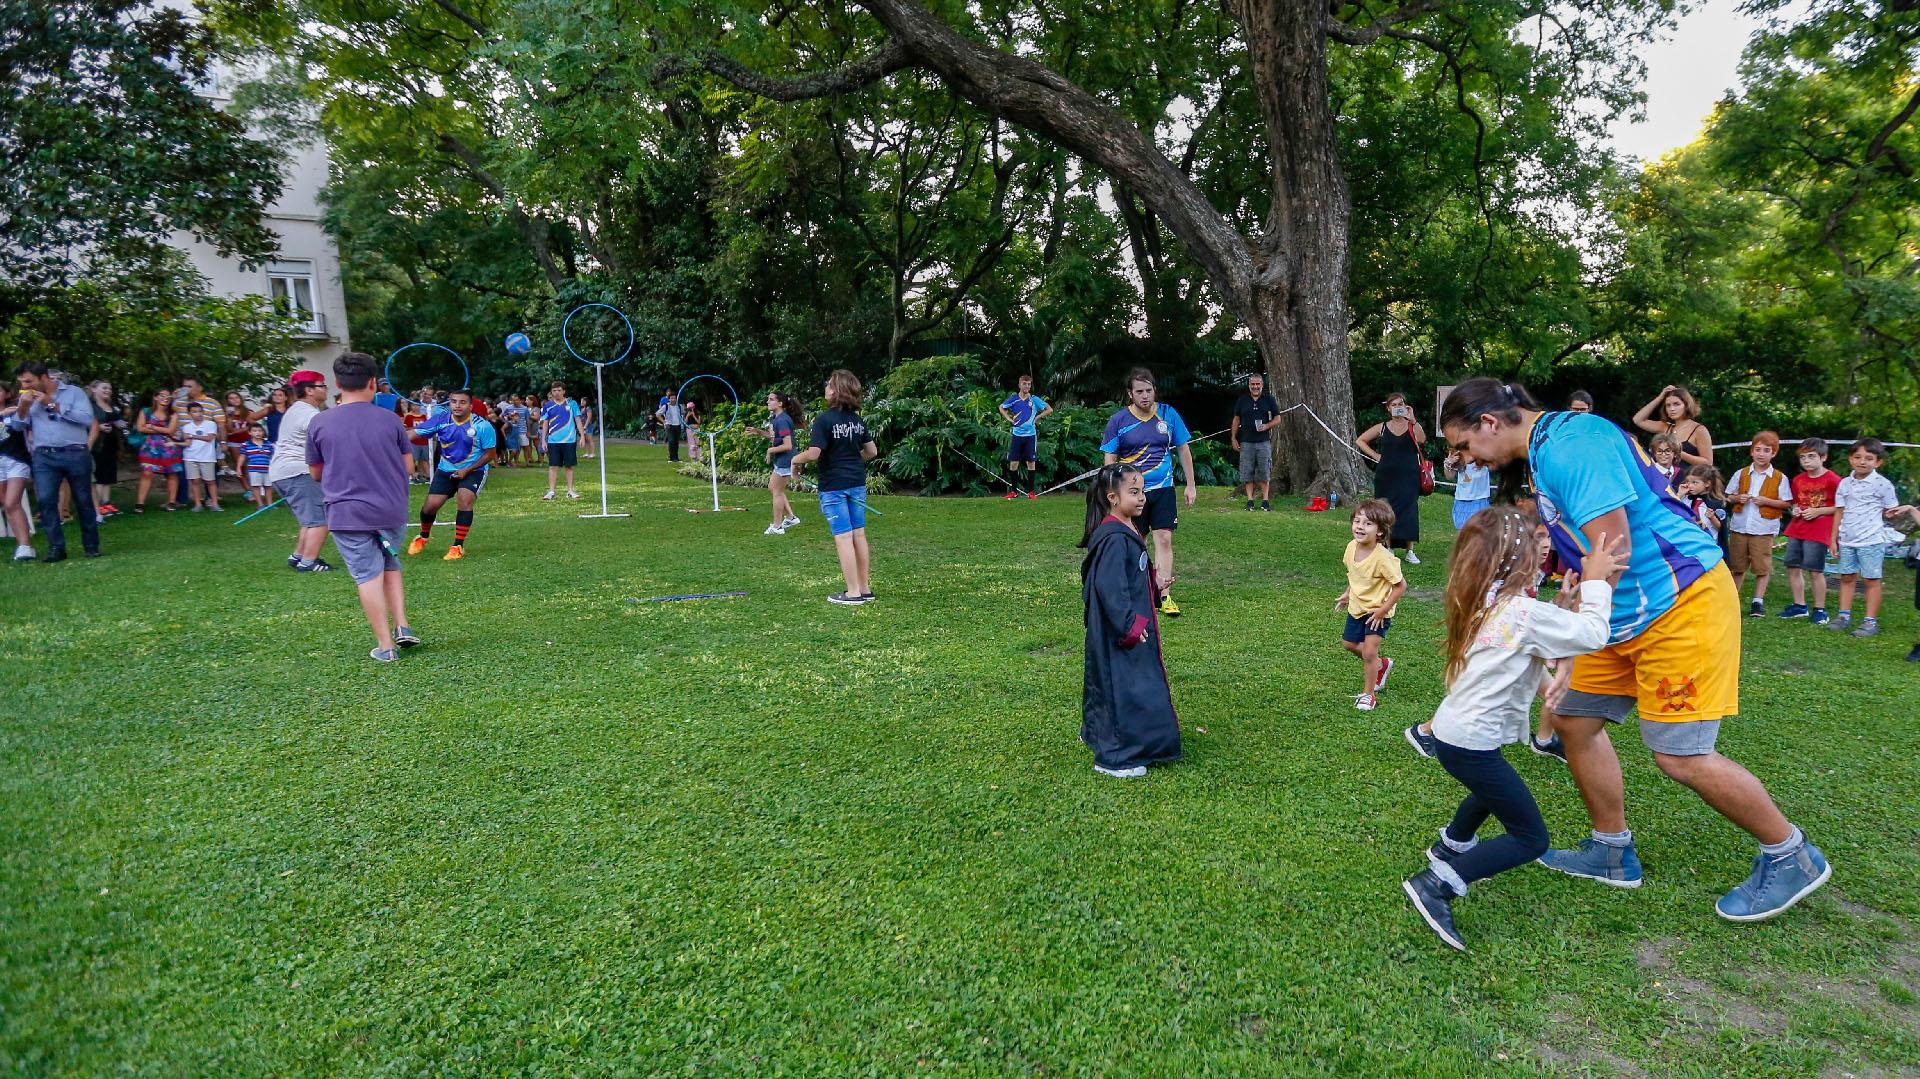 La actividad del quidditch estuvo a cargo de Cumulus Nimbus Quidditch, el equipo oficial en Argentina que practica el deporte y que todos los años asiste al evento para promover la actividad